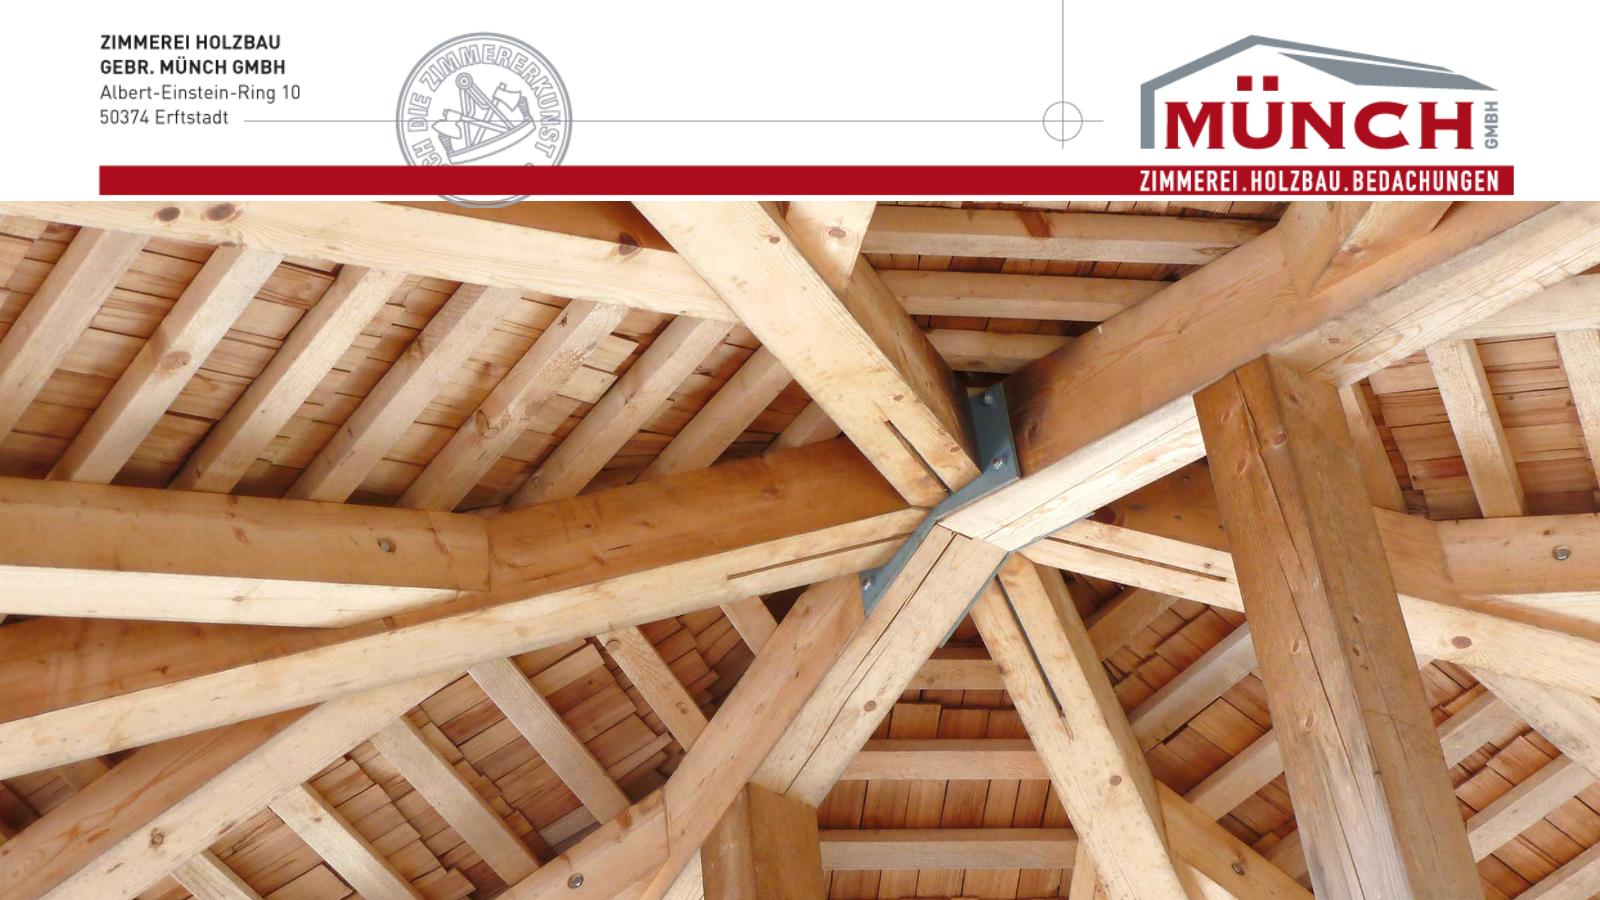 Zimmerei Holzbau Gebr. Münch GmbH